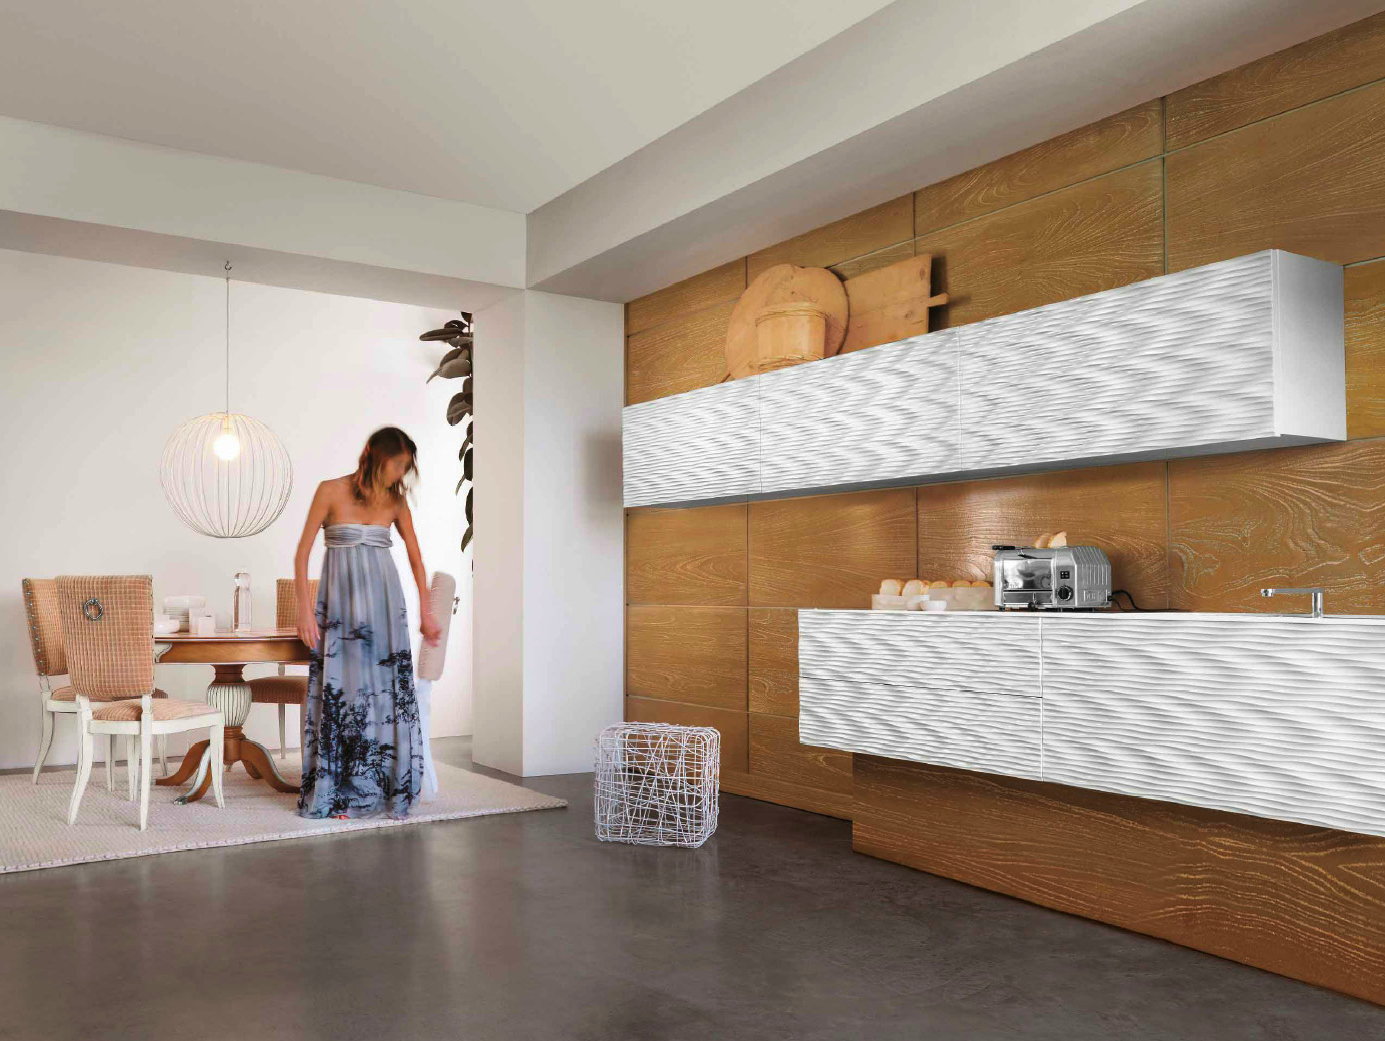 maori cuisine by bizzotto design tiziano bizzotto. Black Bedroom Furniture Sets. Home Design Ideas